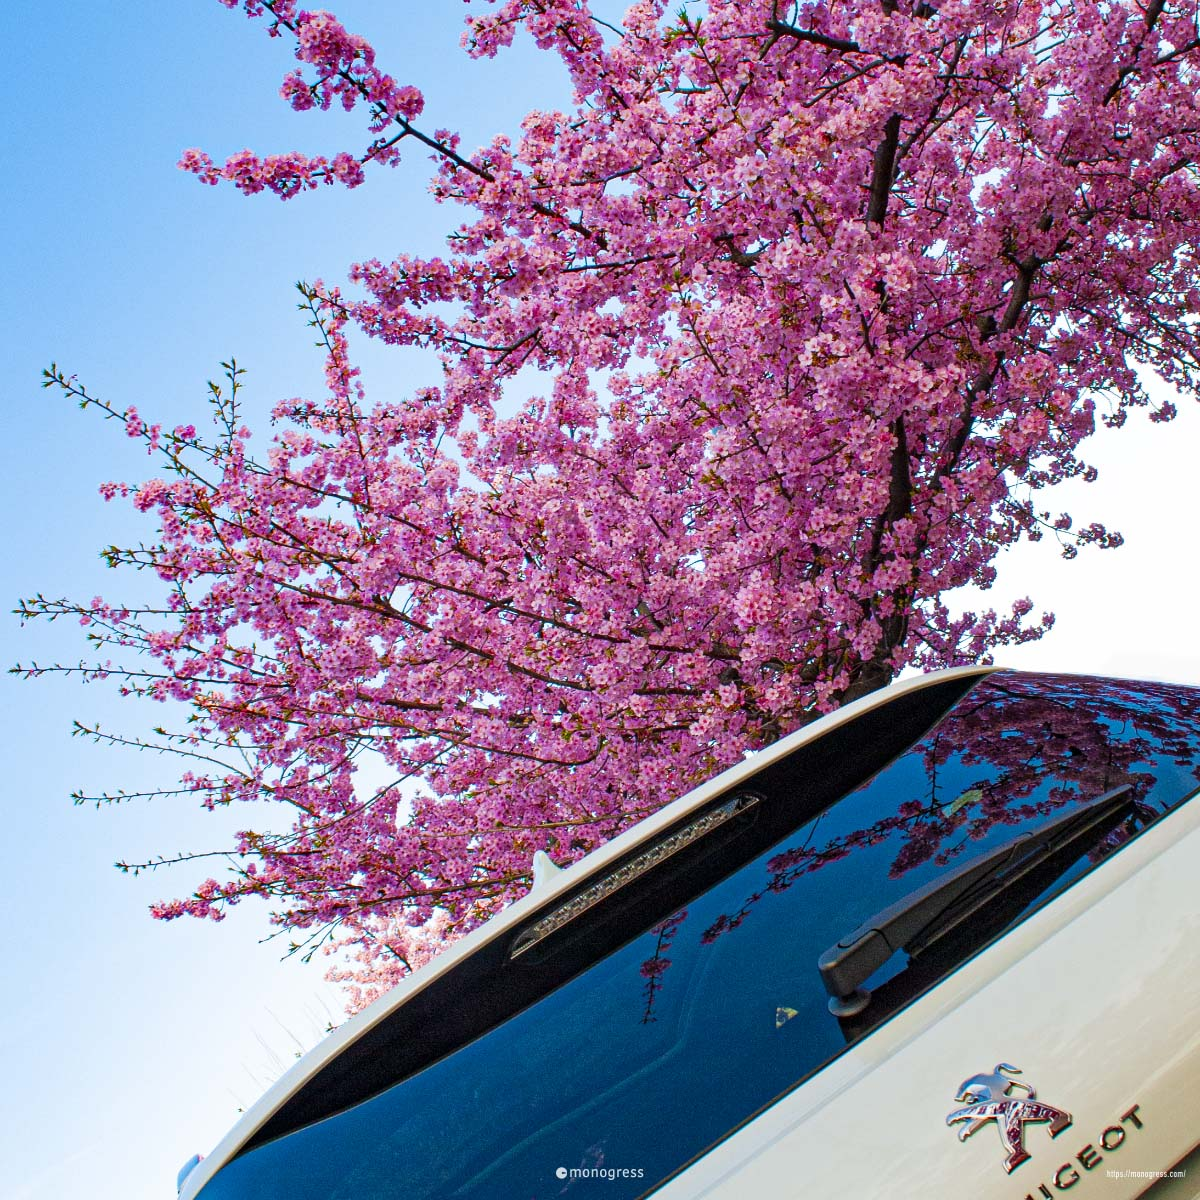 PEUGEOT 308 + 桜